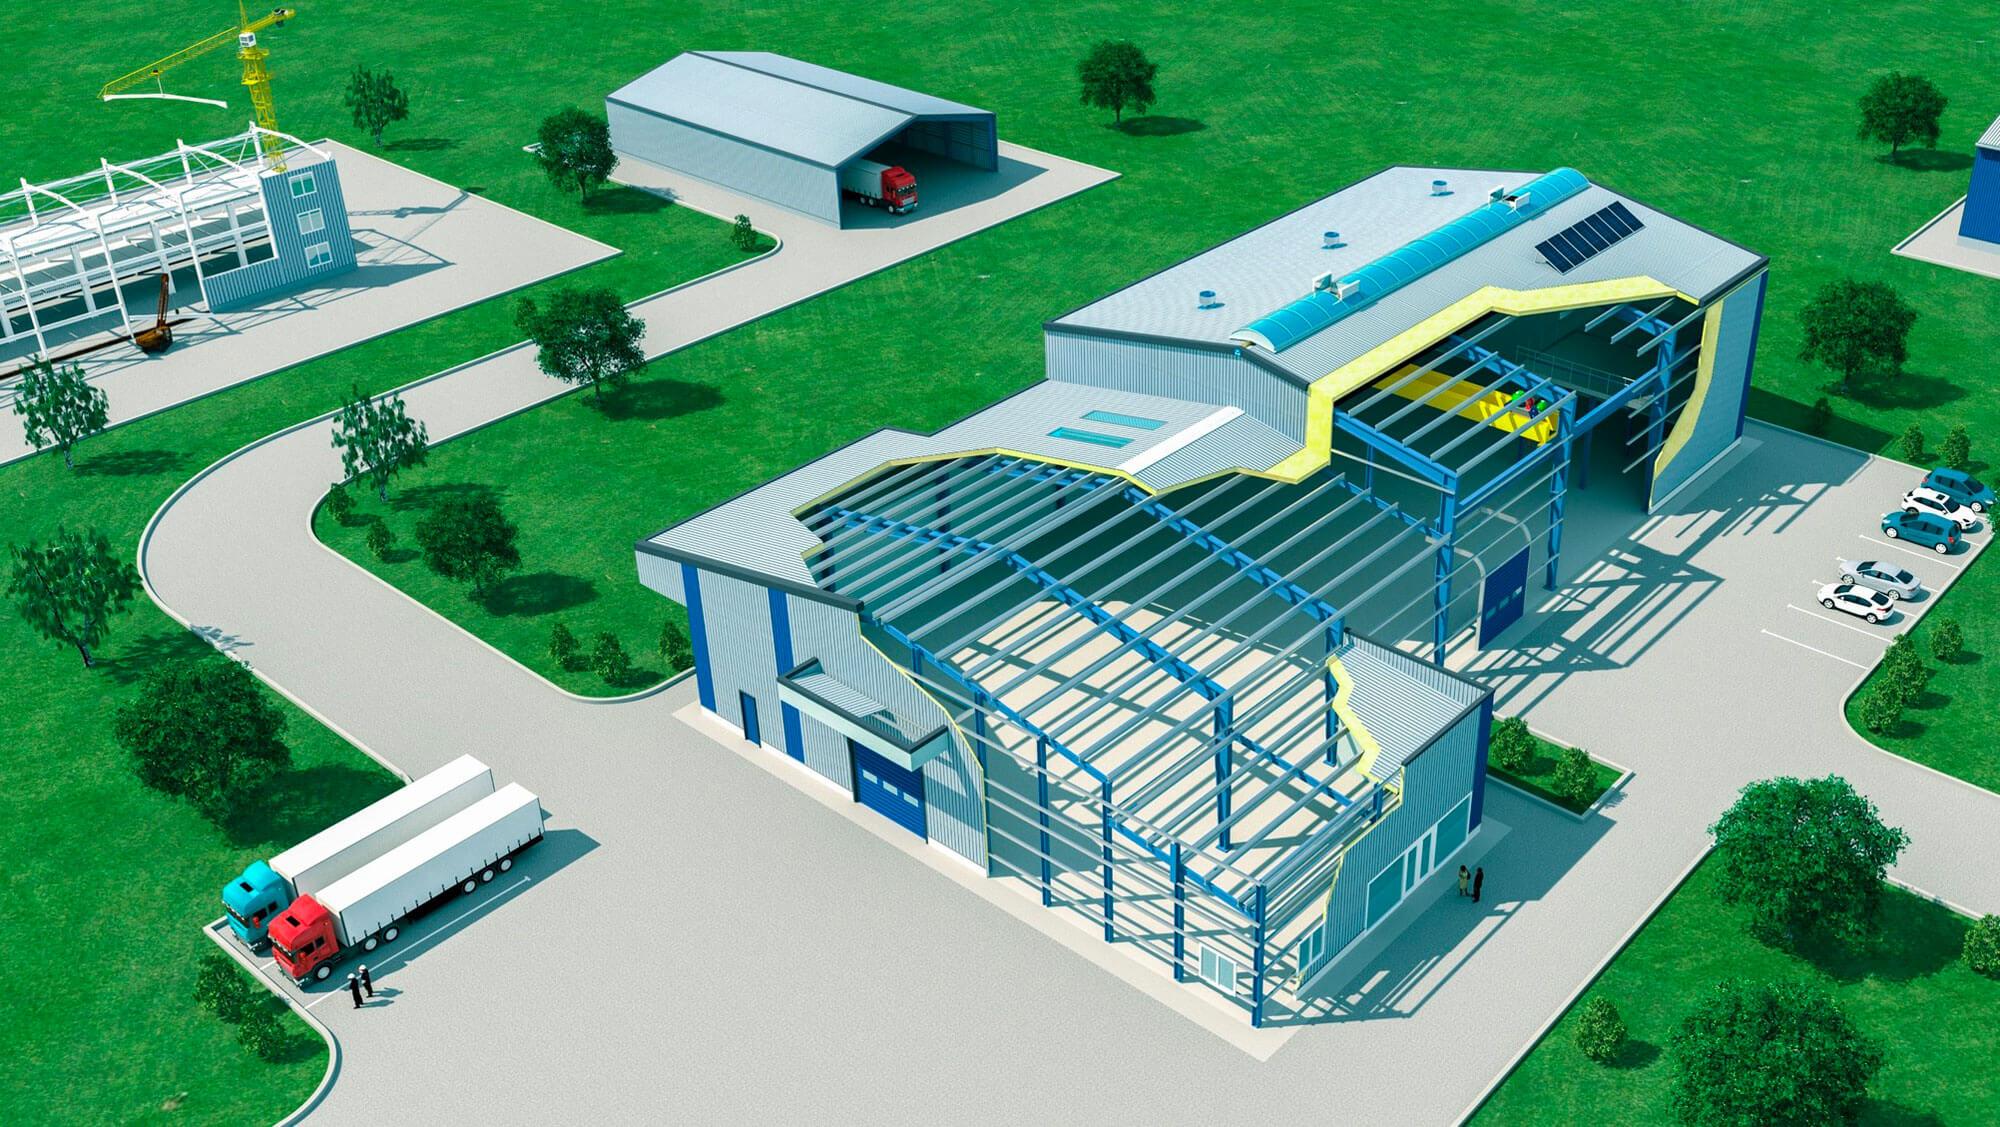 Le procédé ASTRON est un concept de bâtiments clés-en-main conçus sur mesure